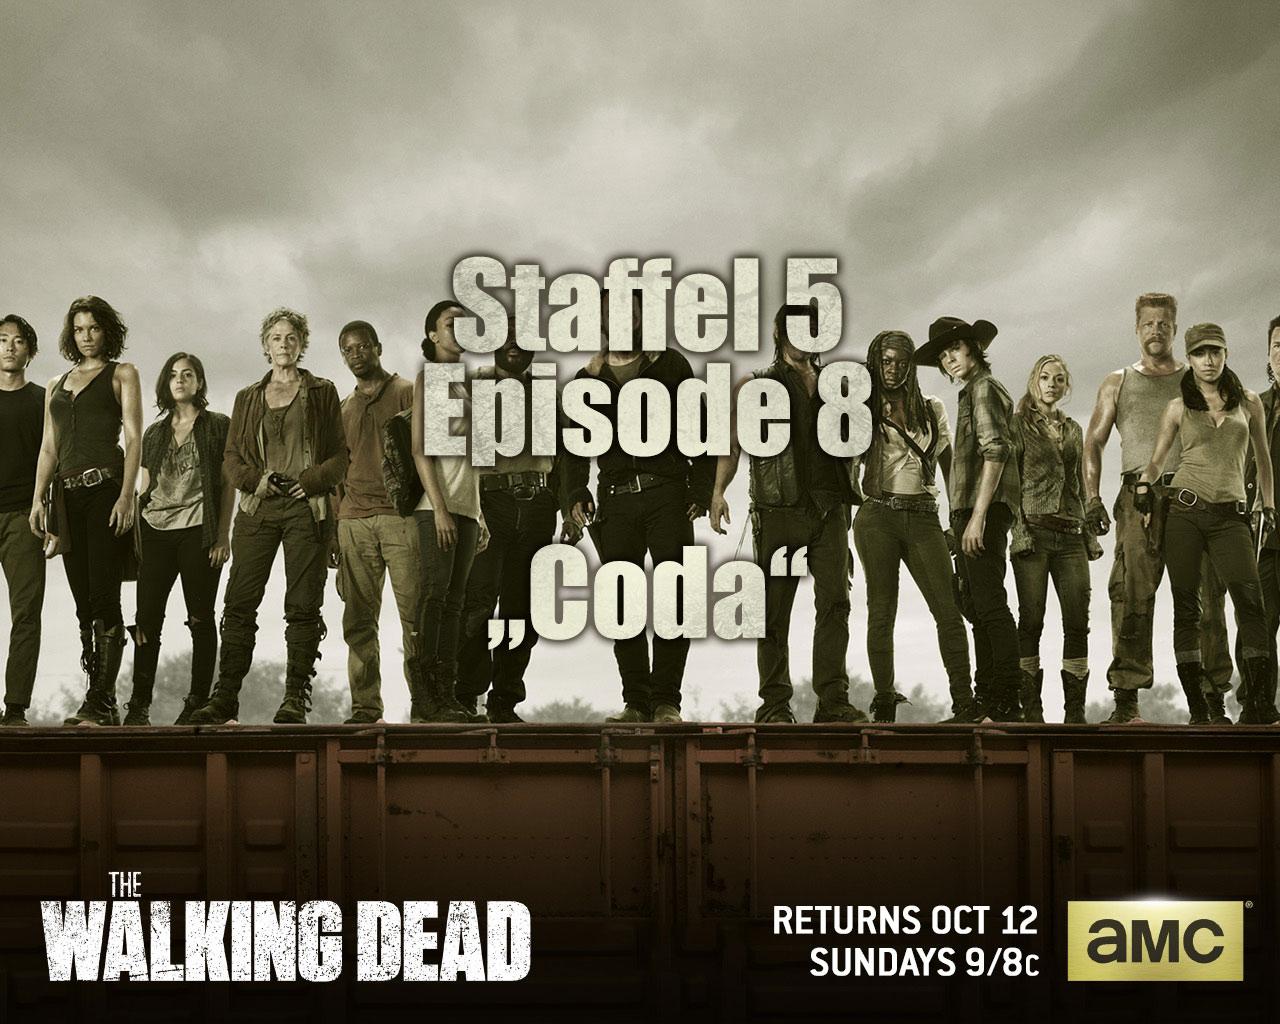 The Walking Dead S05E08 – Coda